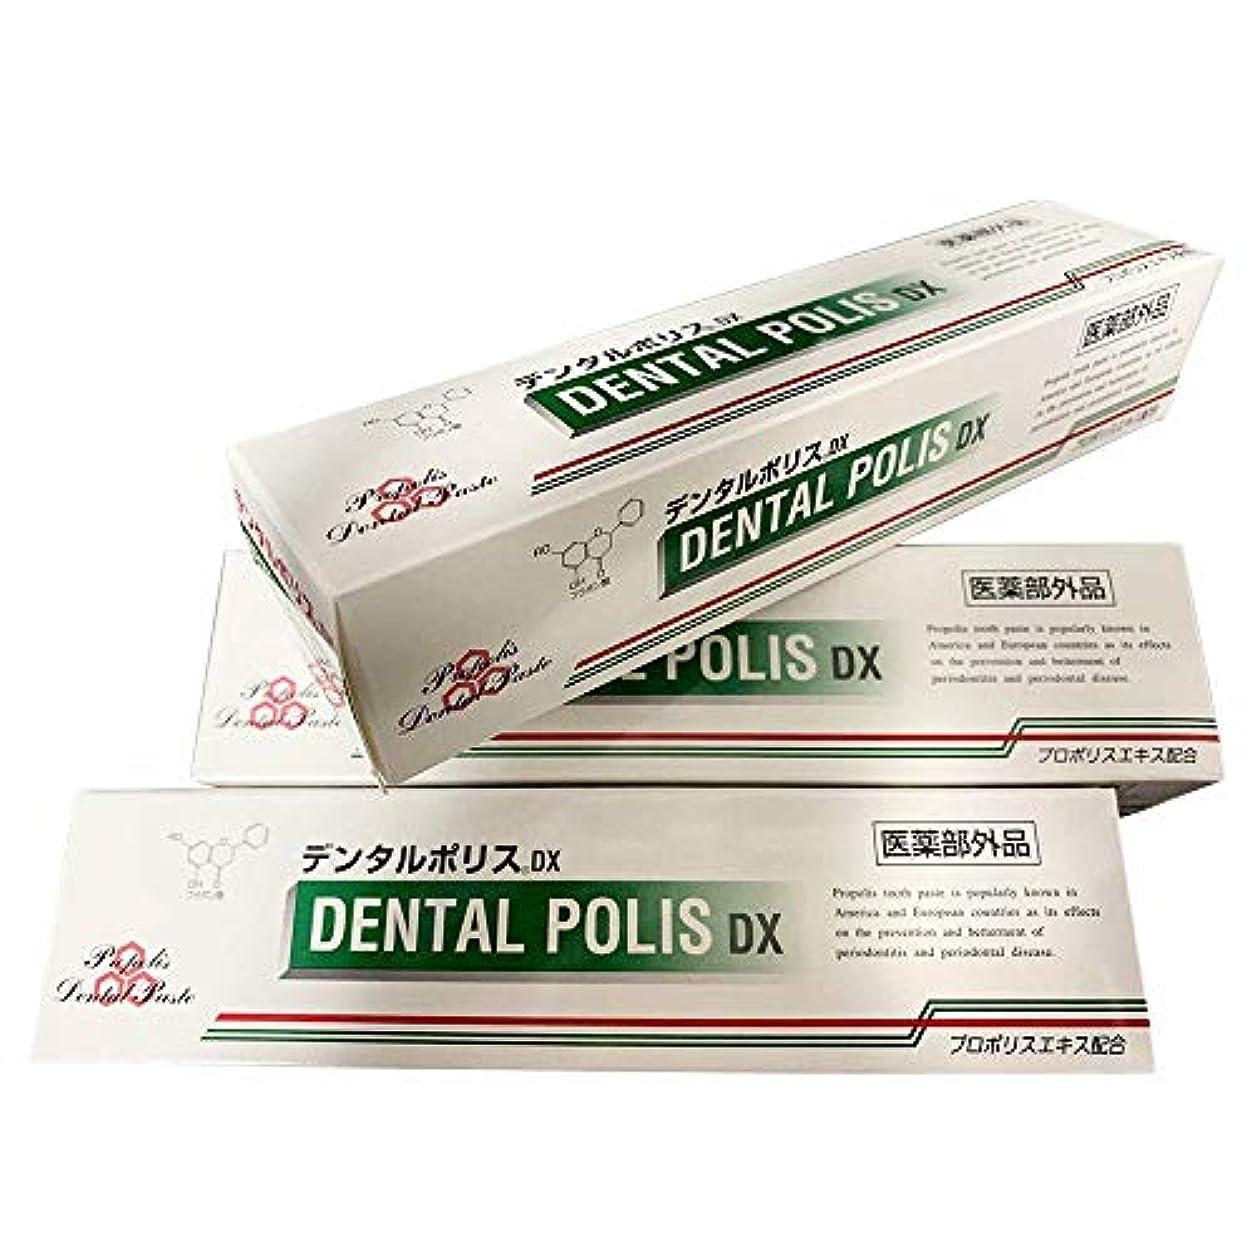 換気するやりがいのある栄養デンタルポリスDX 80g 3個 A-KG オリジナルセット